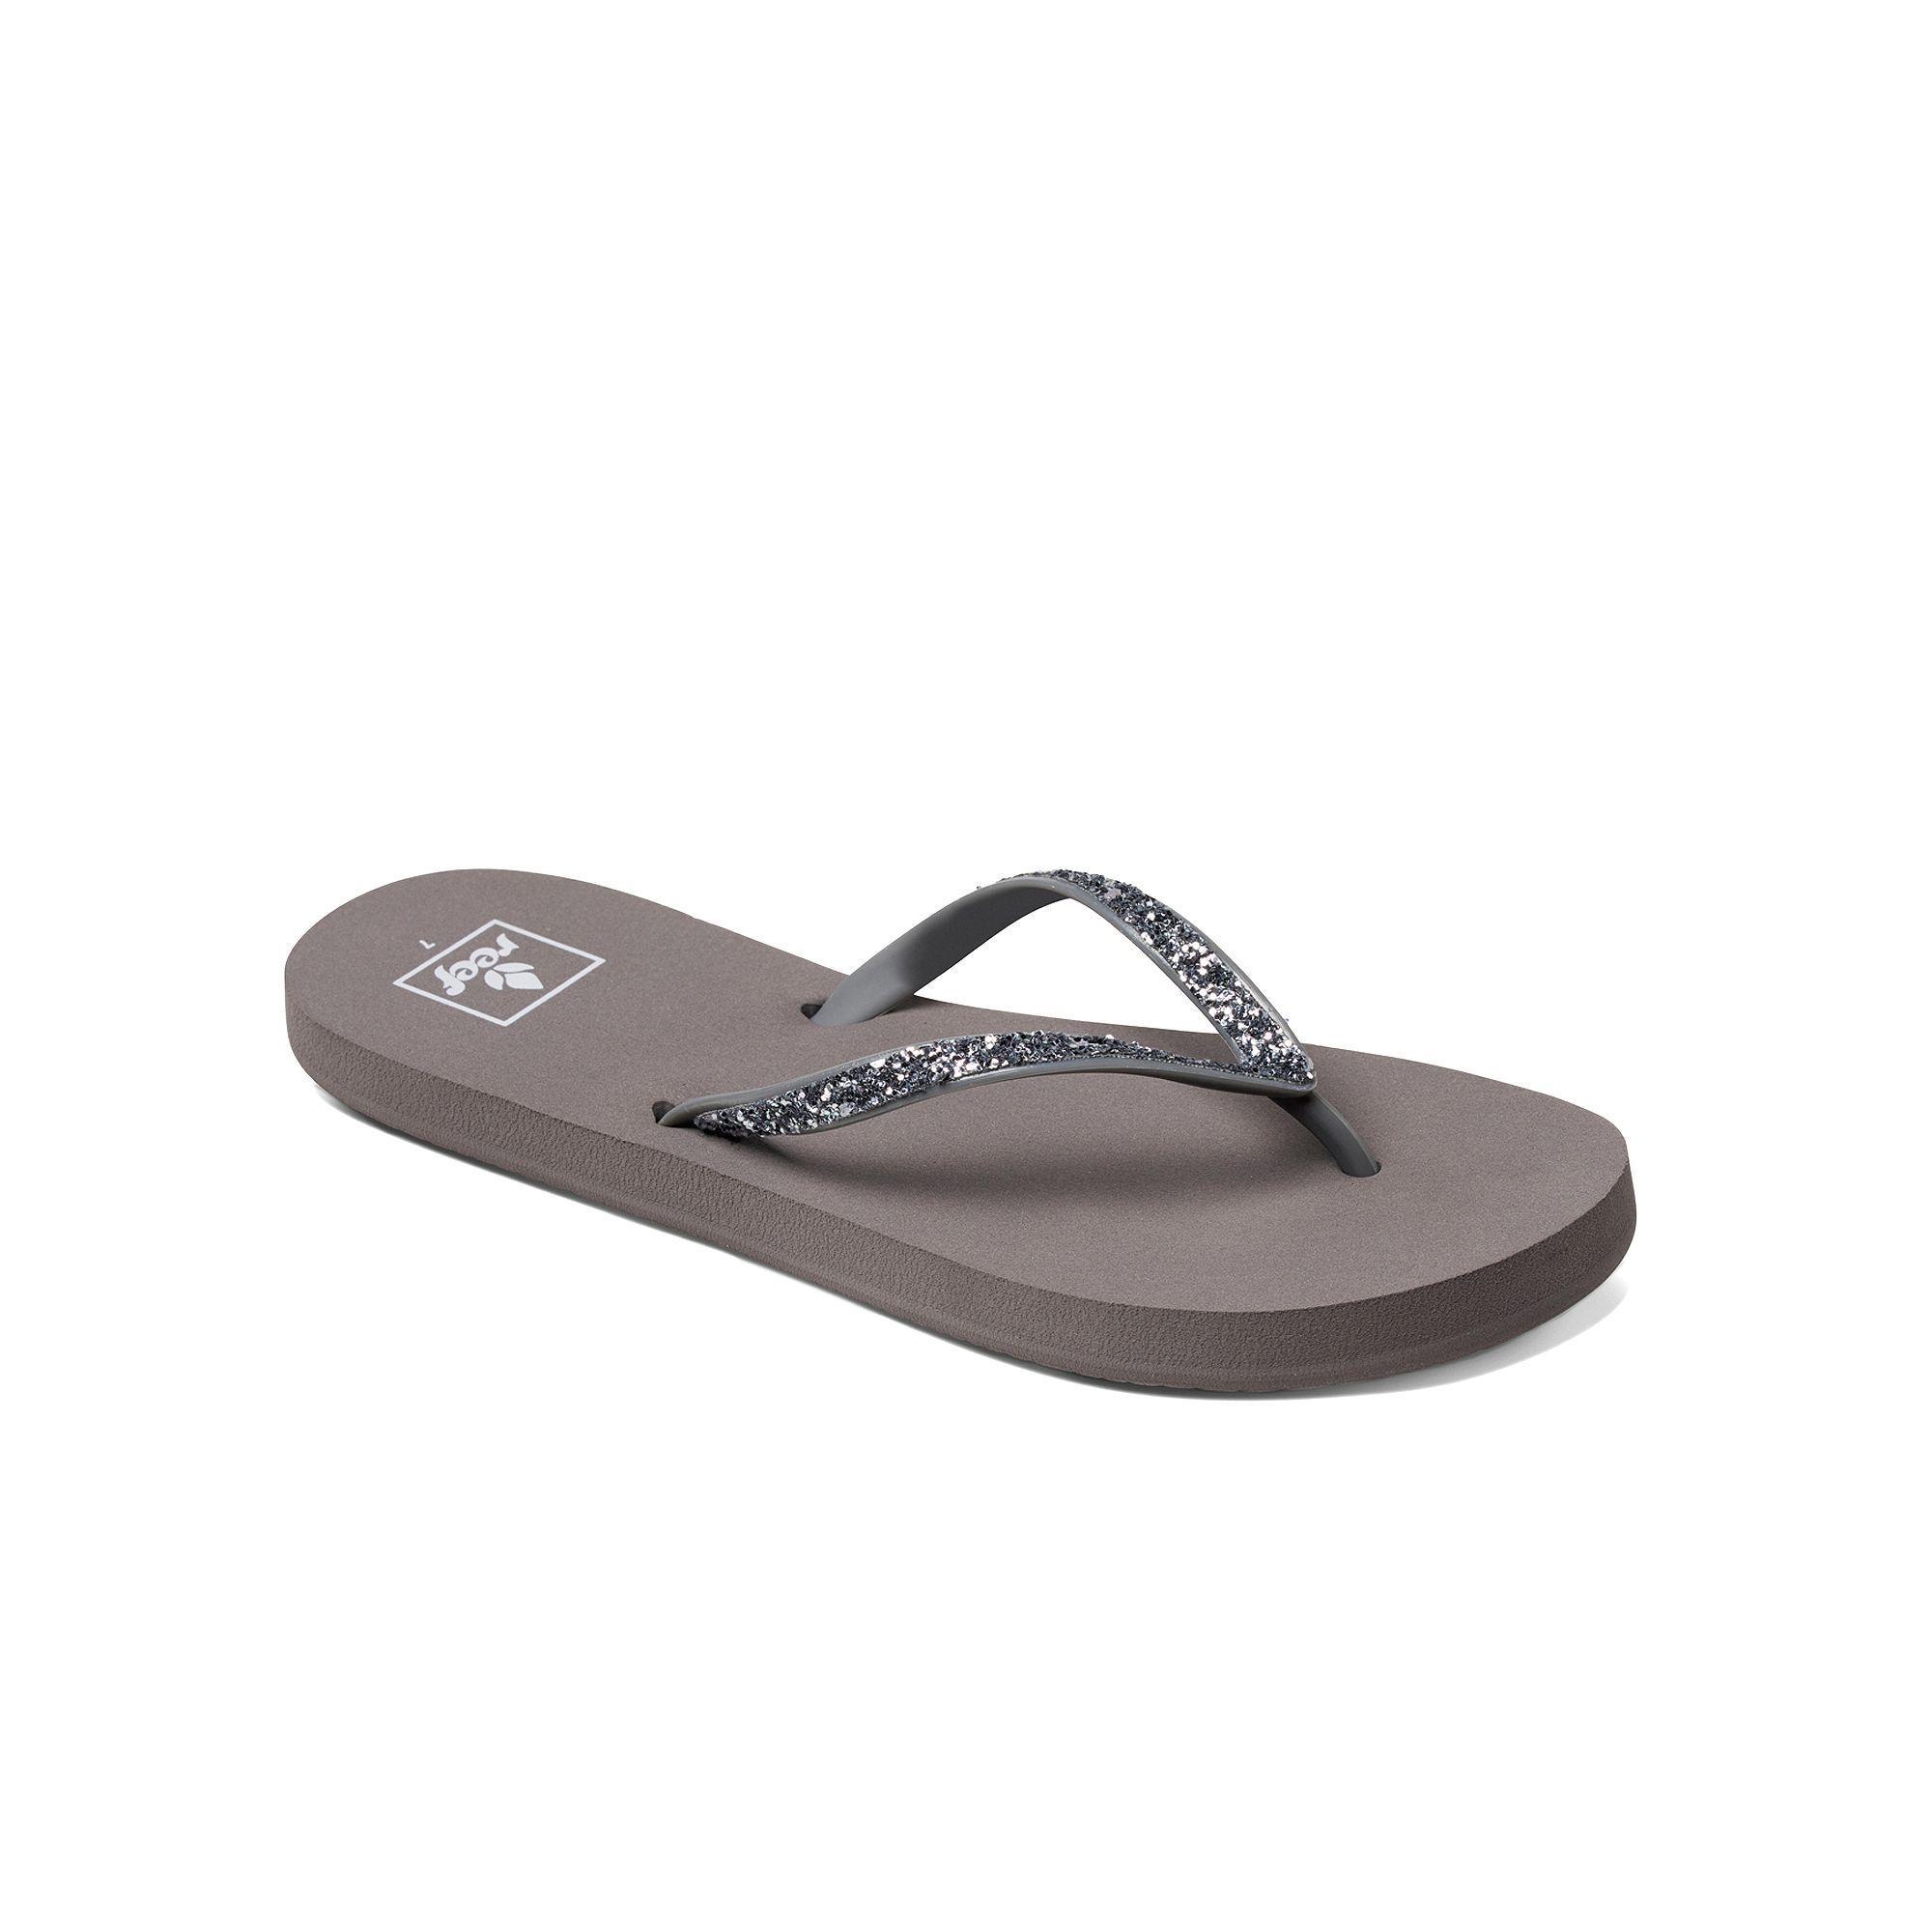 Black sandals size 11 - Black Sandals Size 11 5